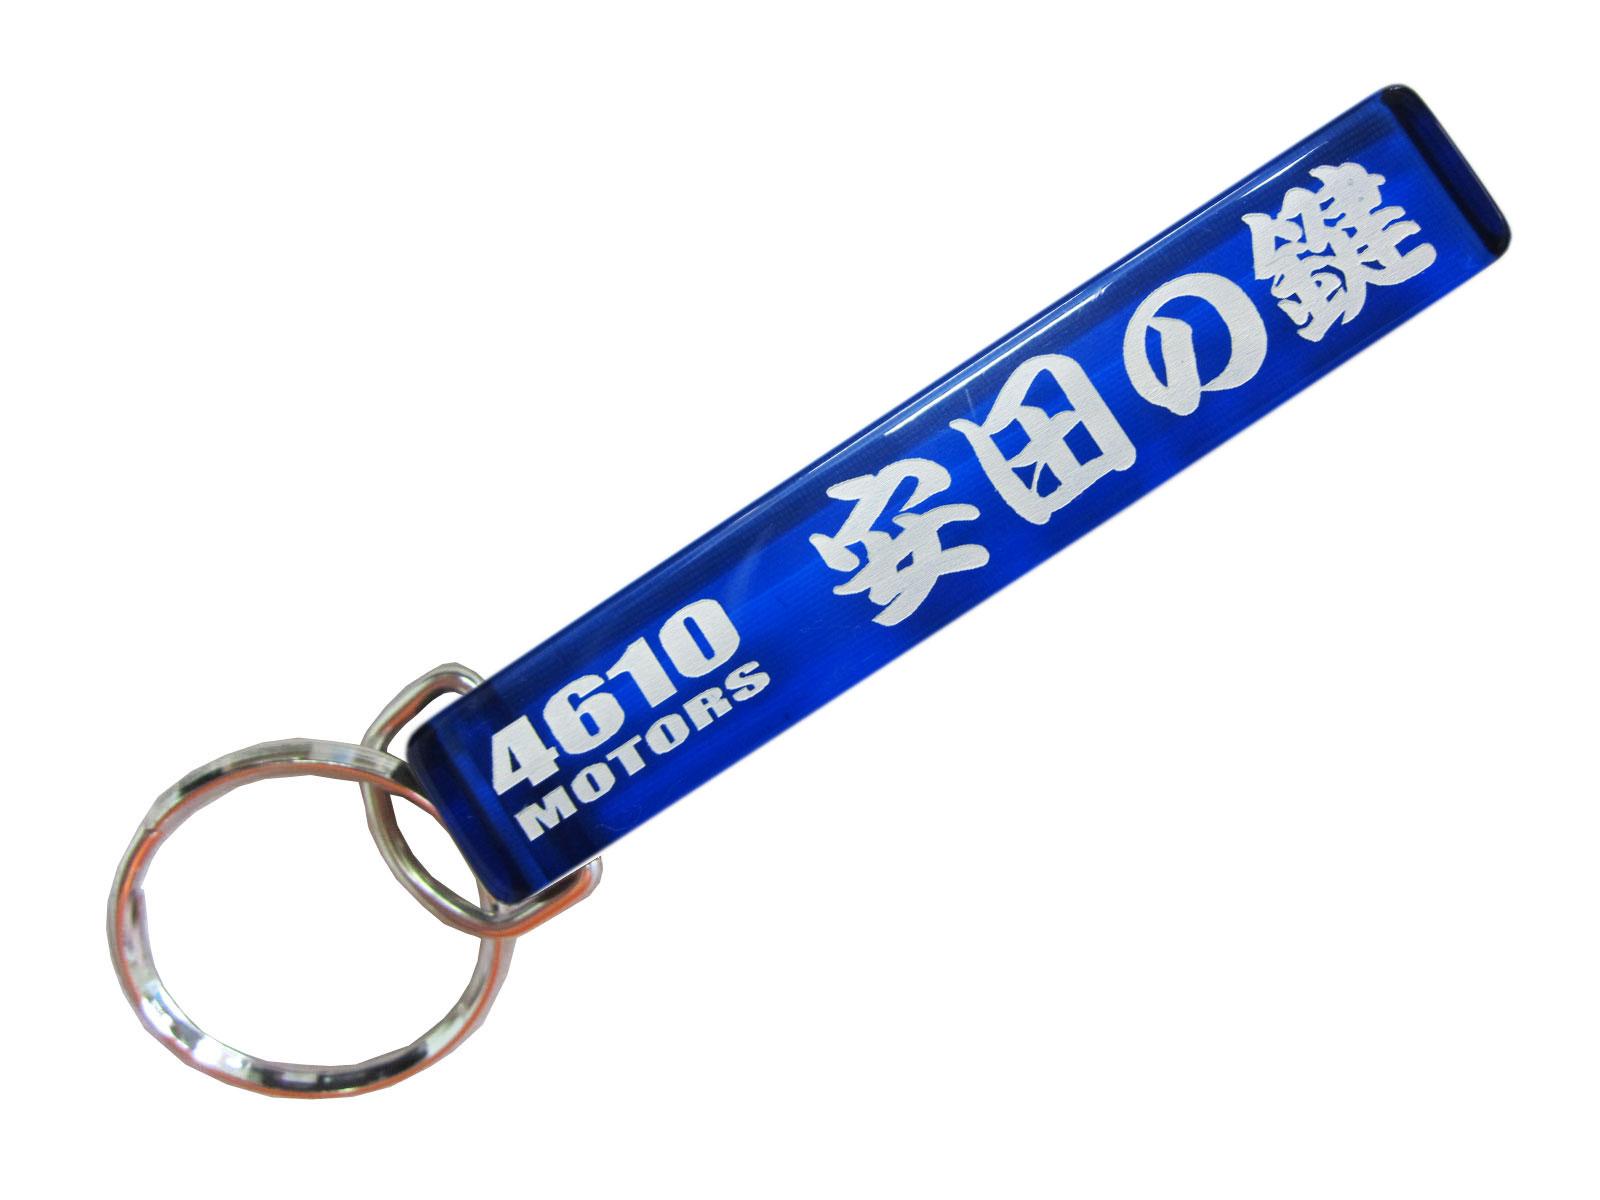 ミニホテルキーホルダー 安田の鍵